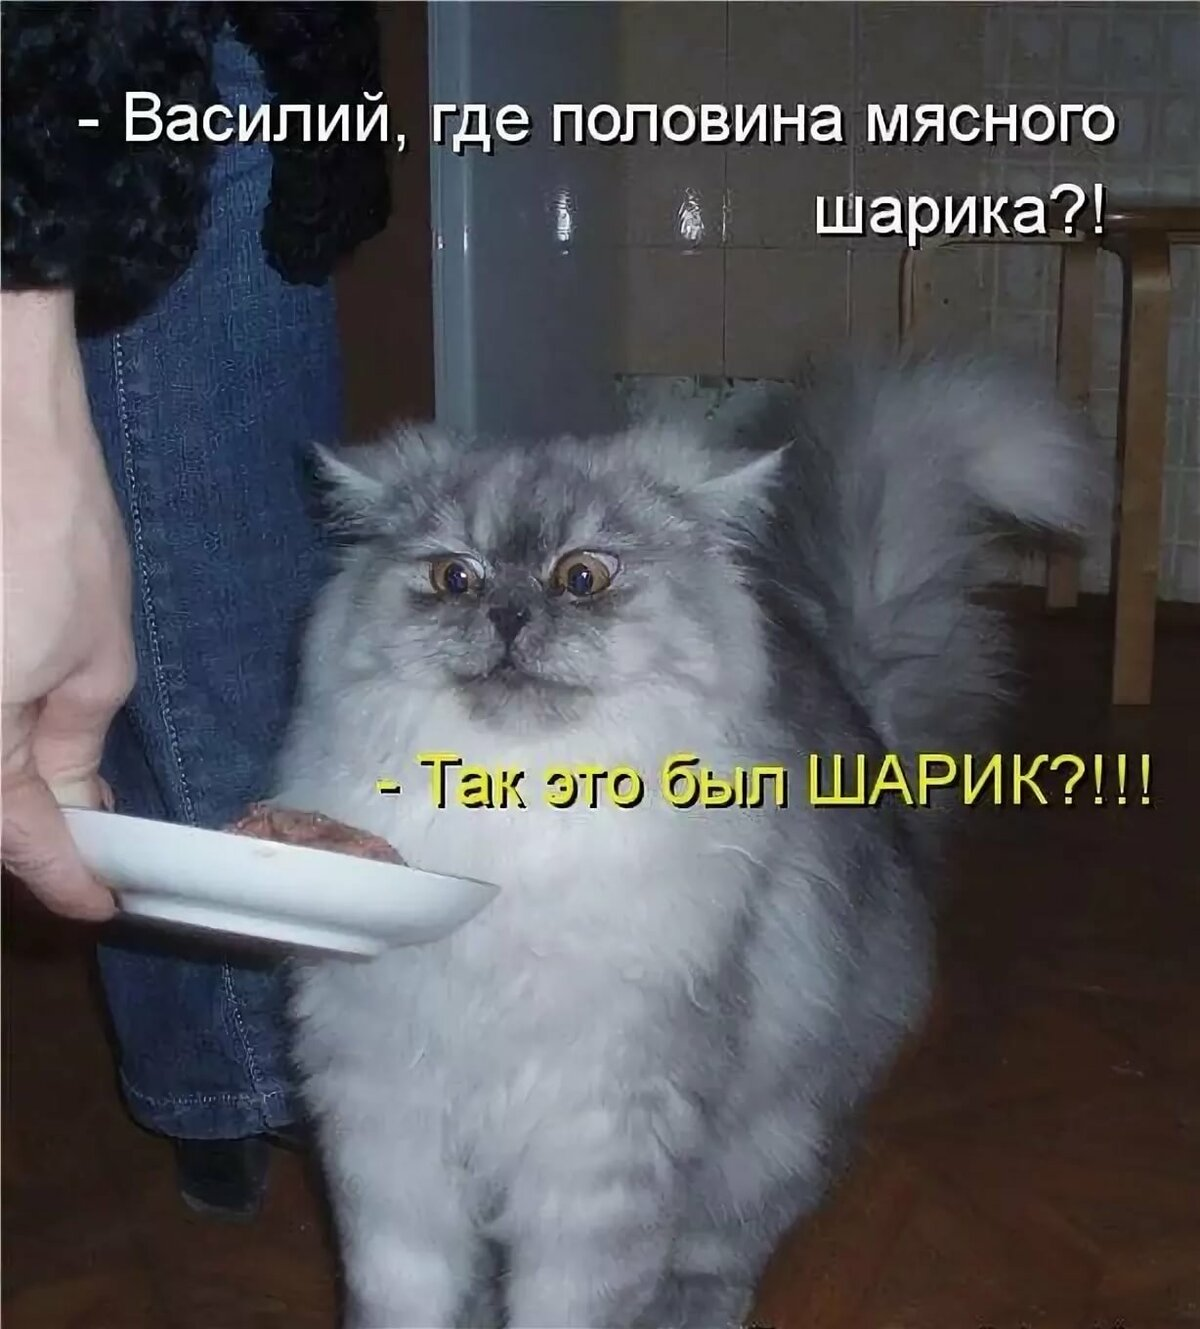 Фото кота прикольное с надписью